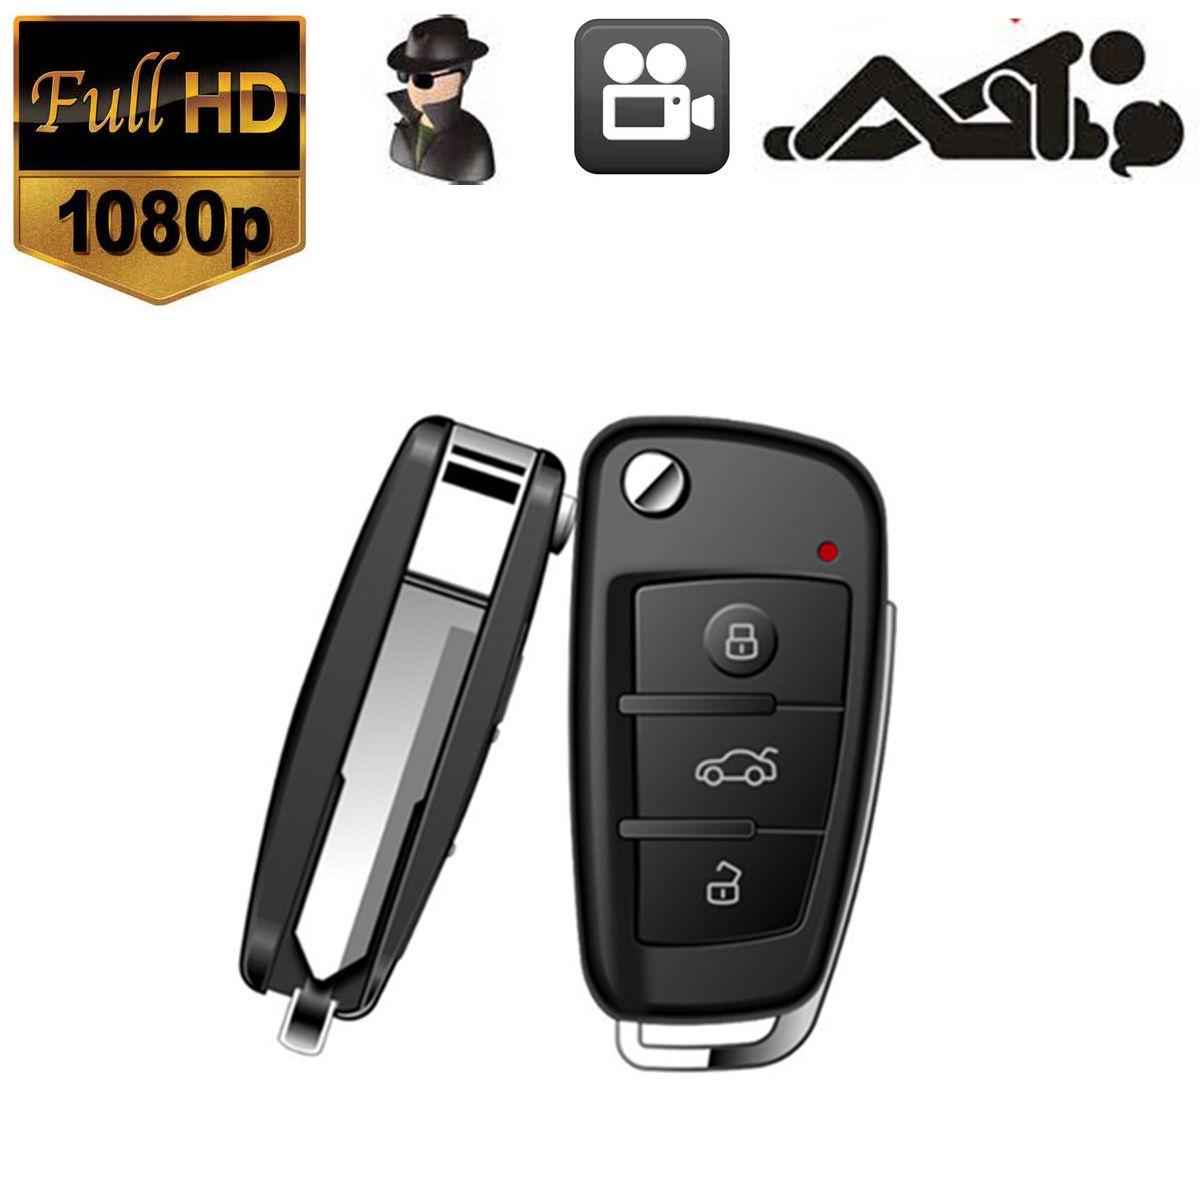 1080P HD Spy Car Key DVR Hidden Camera IR Night Vision video recorder Camcorder